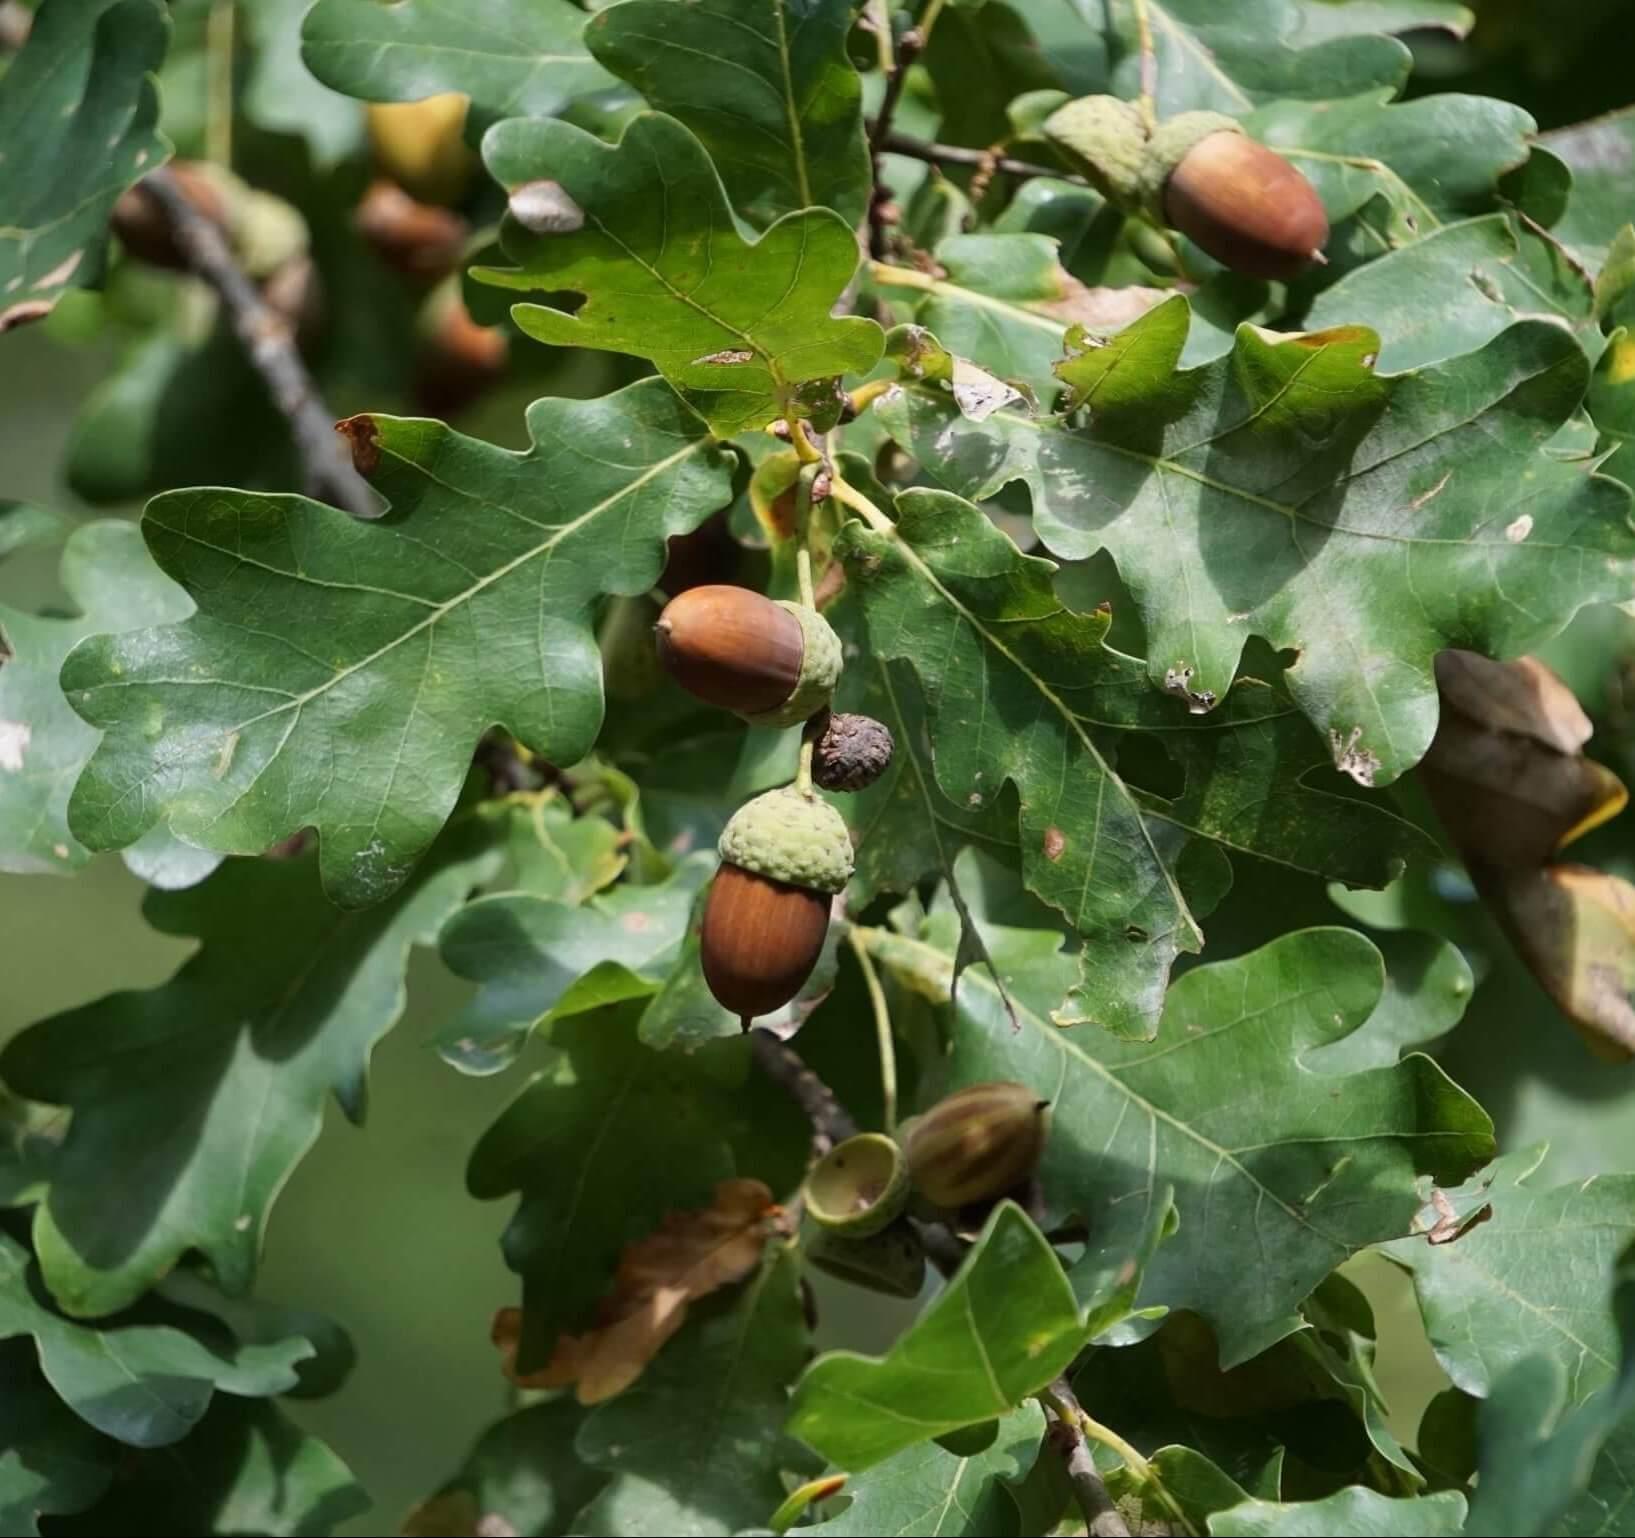 Das Bild zeigt Eichel-Früchte an einem Mischling aus Trauben- und Stiel-Eiche im Herbst. Die Eicheln sind zu mehreren entlang kürzerer Stiele angeordnet. An diesem Exemplar dominieren jedoch noch die Stiel-Eichen-Merkmale. Aufgenommen im Wald südlich der Müggelberge.